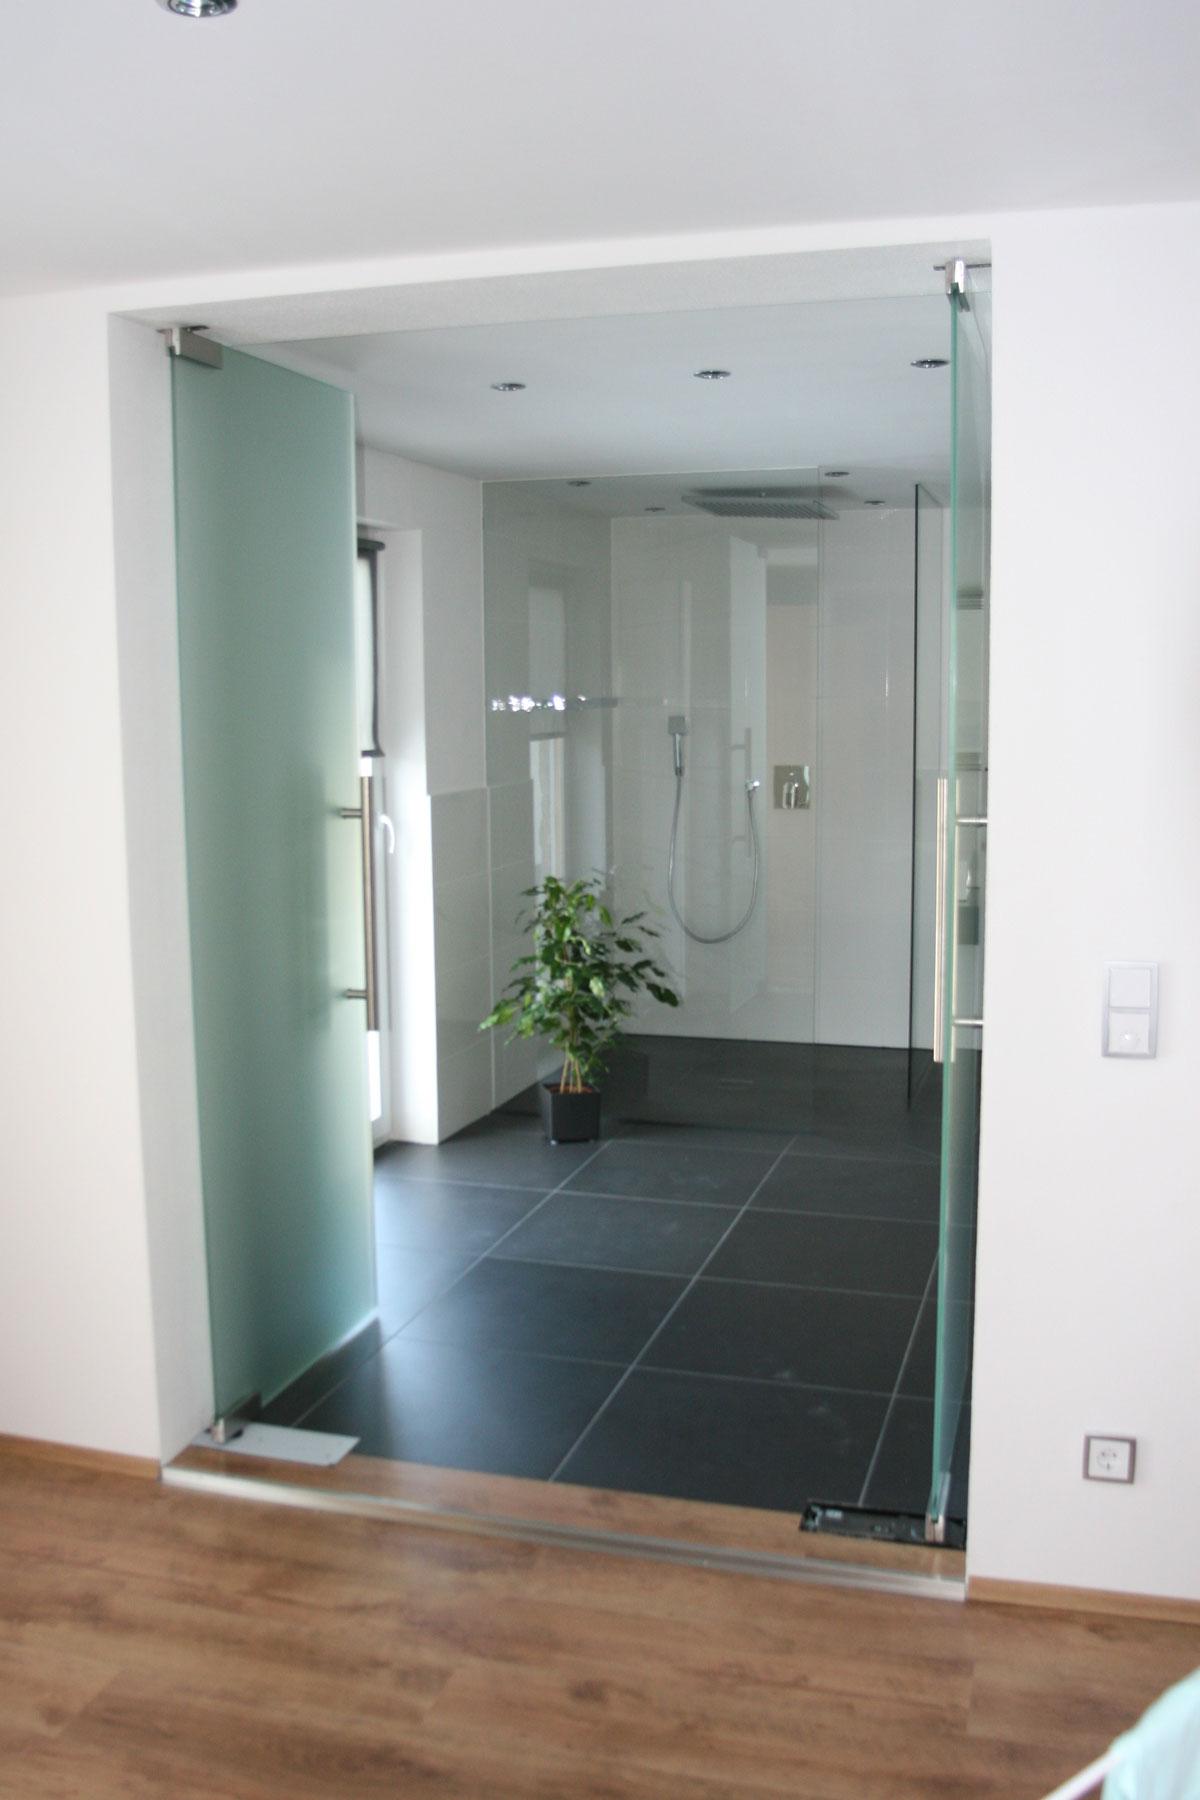 Sklenarstvi-Prerost-sklenene- steny-a-dvere (32)